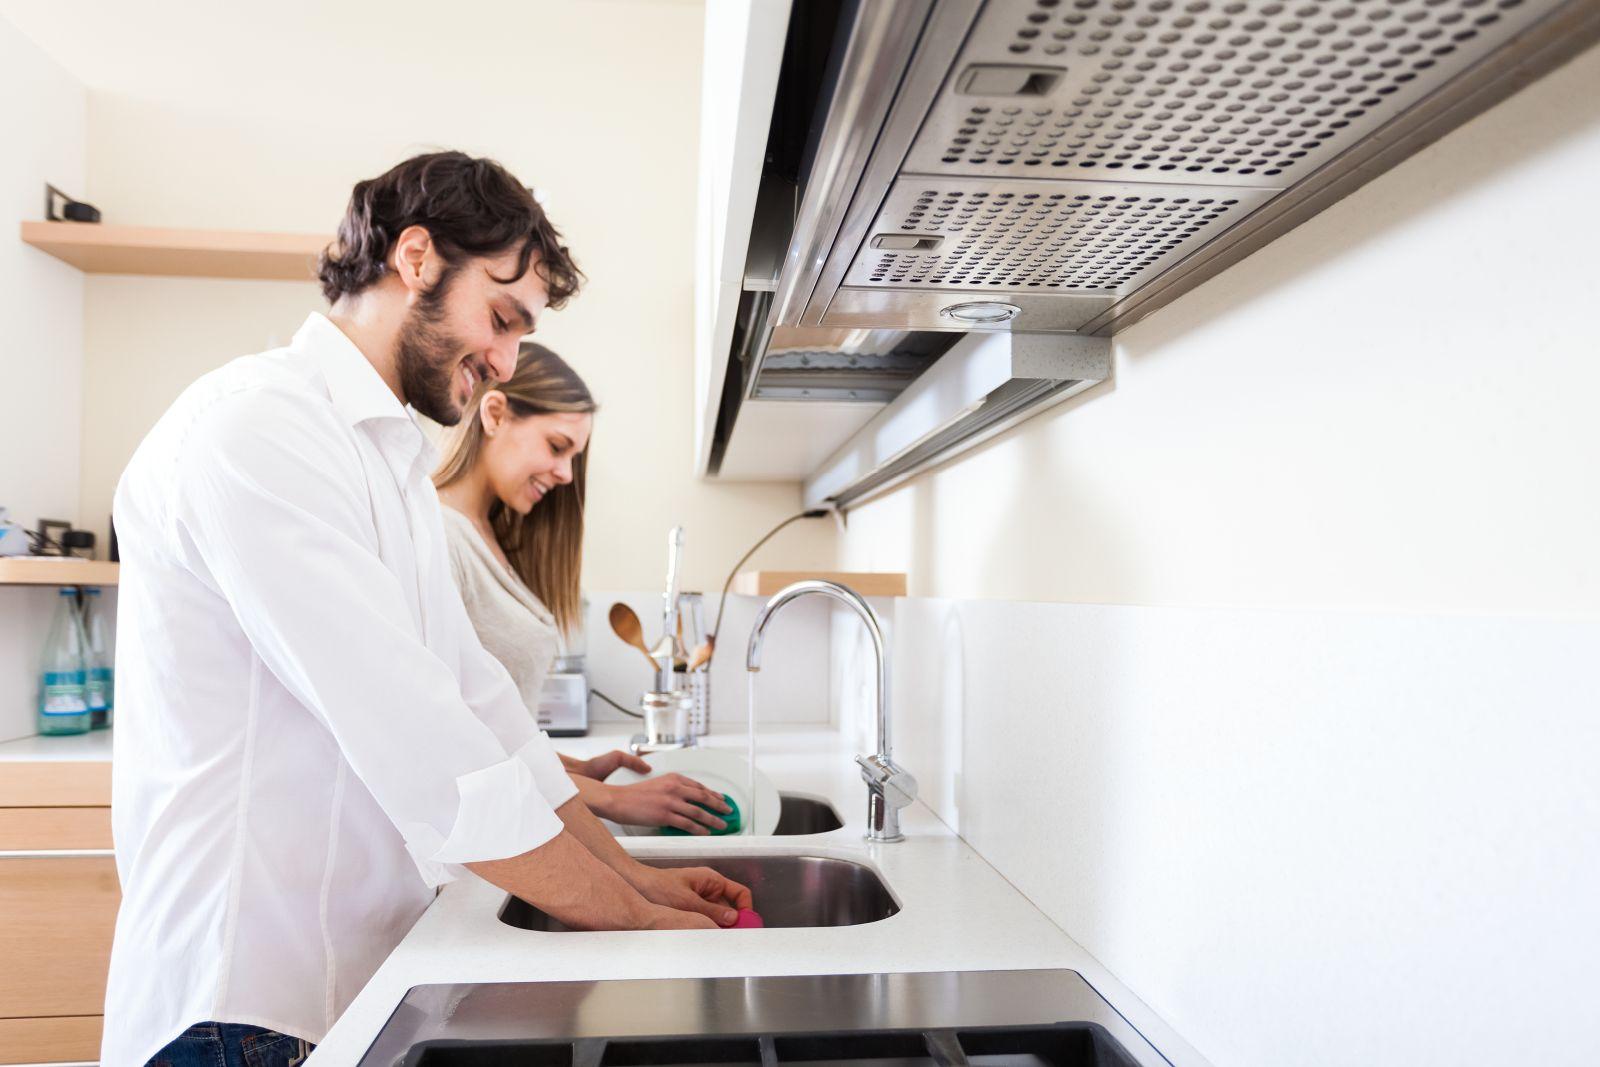 Investigan el papel potencial de los paños de cocina en la contaminación cruzada en la cocina